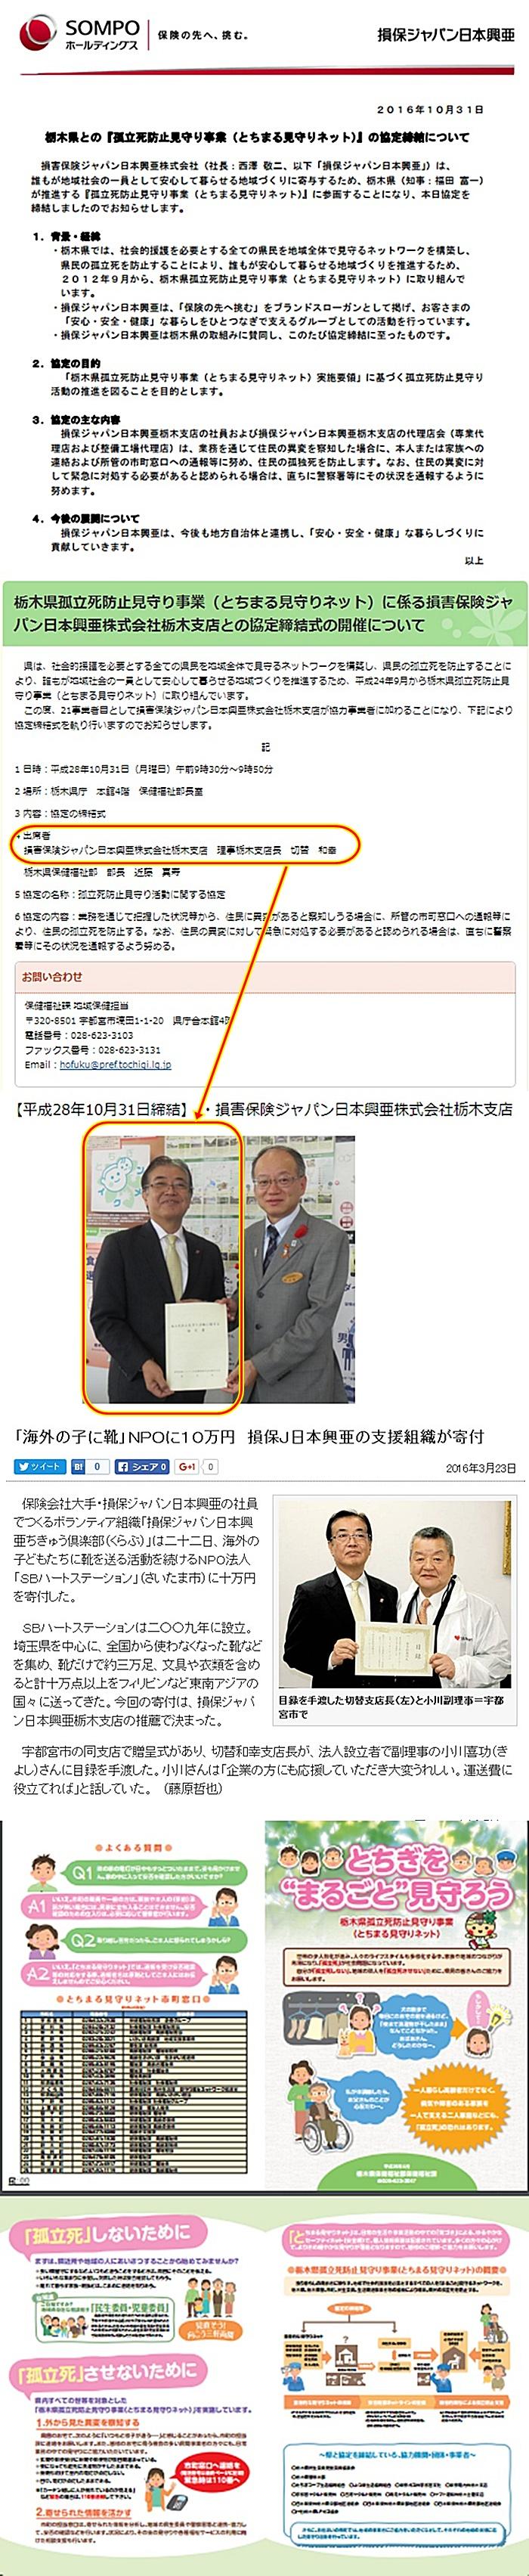 損保ジャパン日本興亜 栃木支店 切替和幸